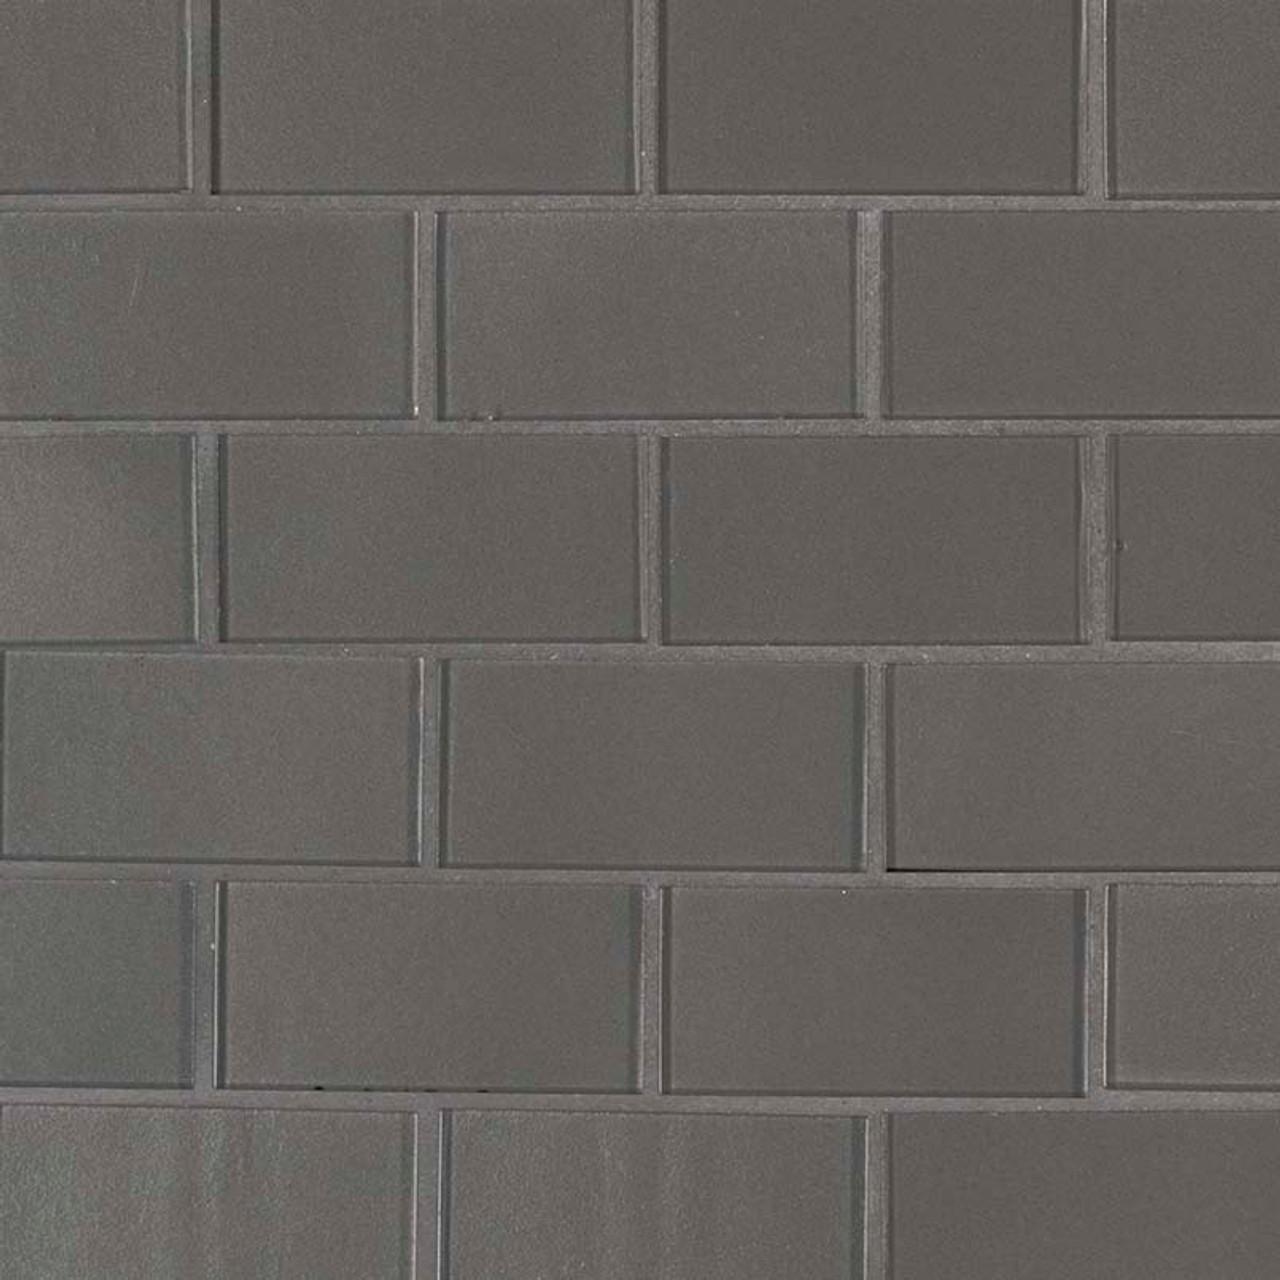 metallic gray subway tile 2x4 mosaic